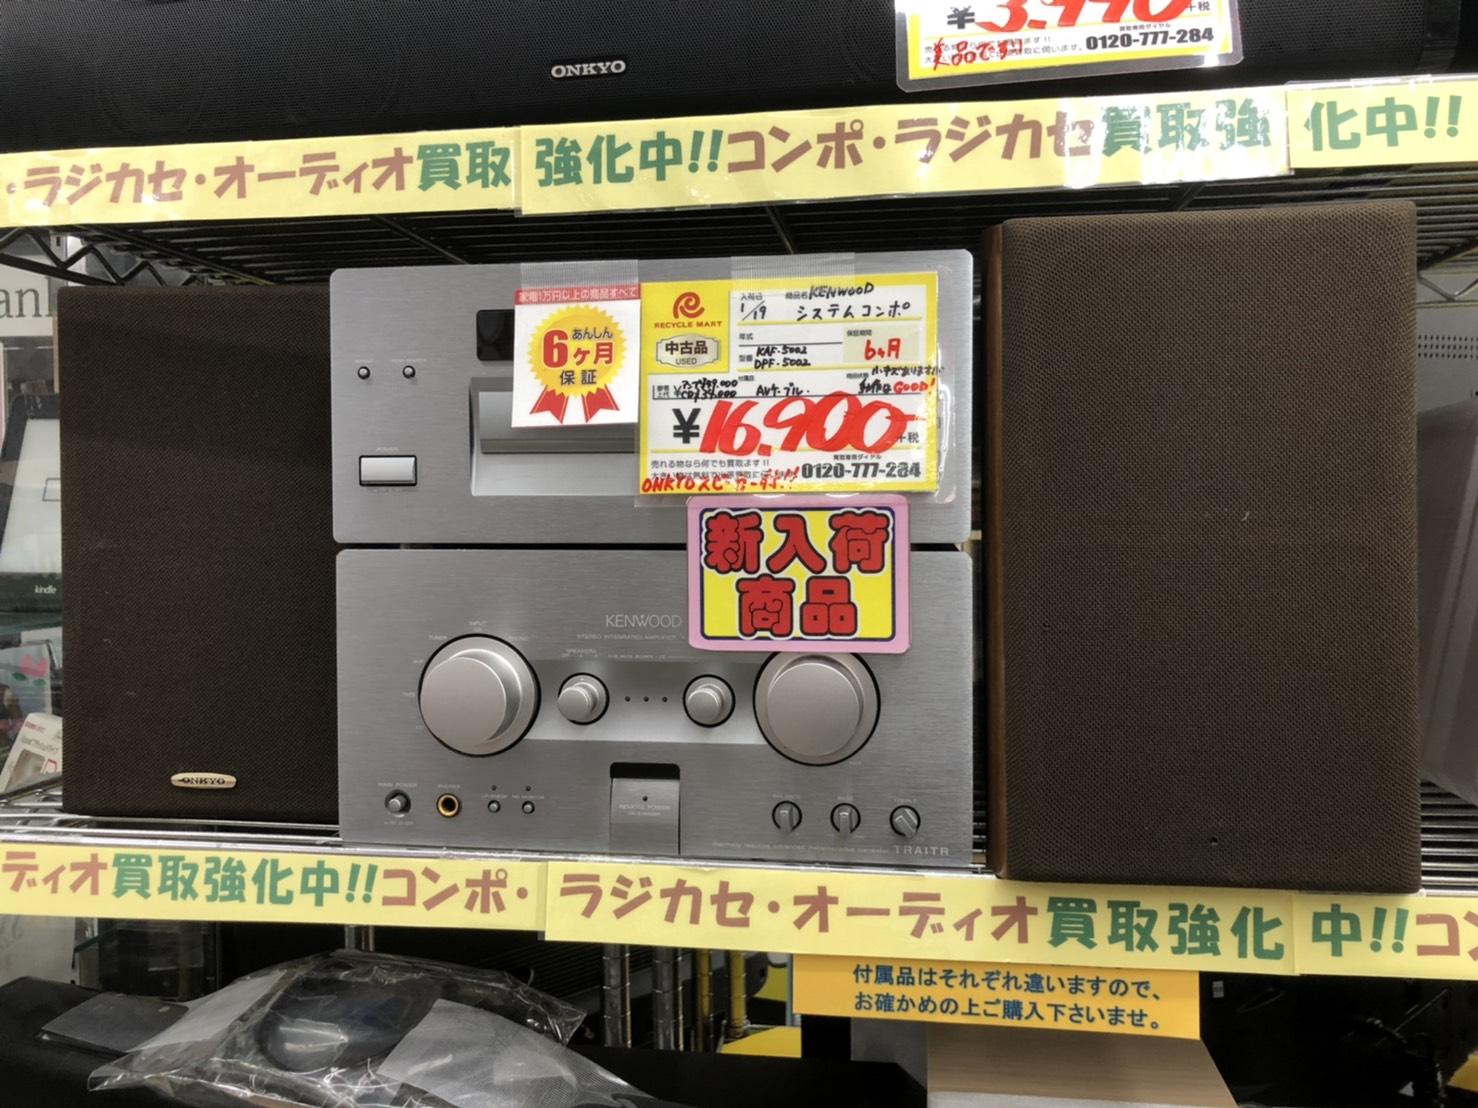 KENWOOD ケンウッド システムコンポ アンプKAF-5002 CDプレイヤーDPF-5002 ONKYOスピーカーセット をお買取りさせて頂きました!!の買取-